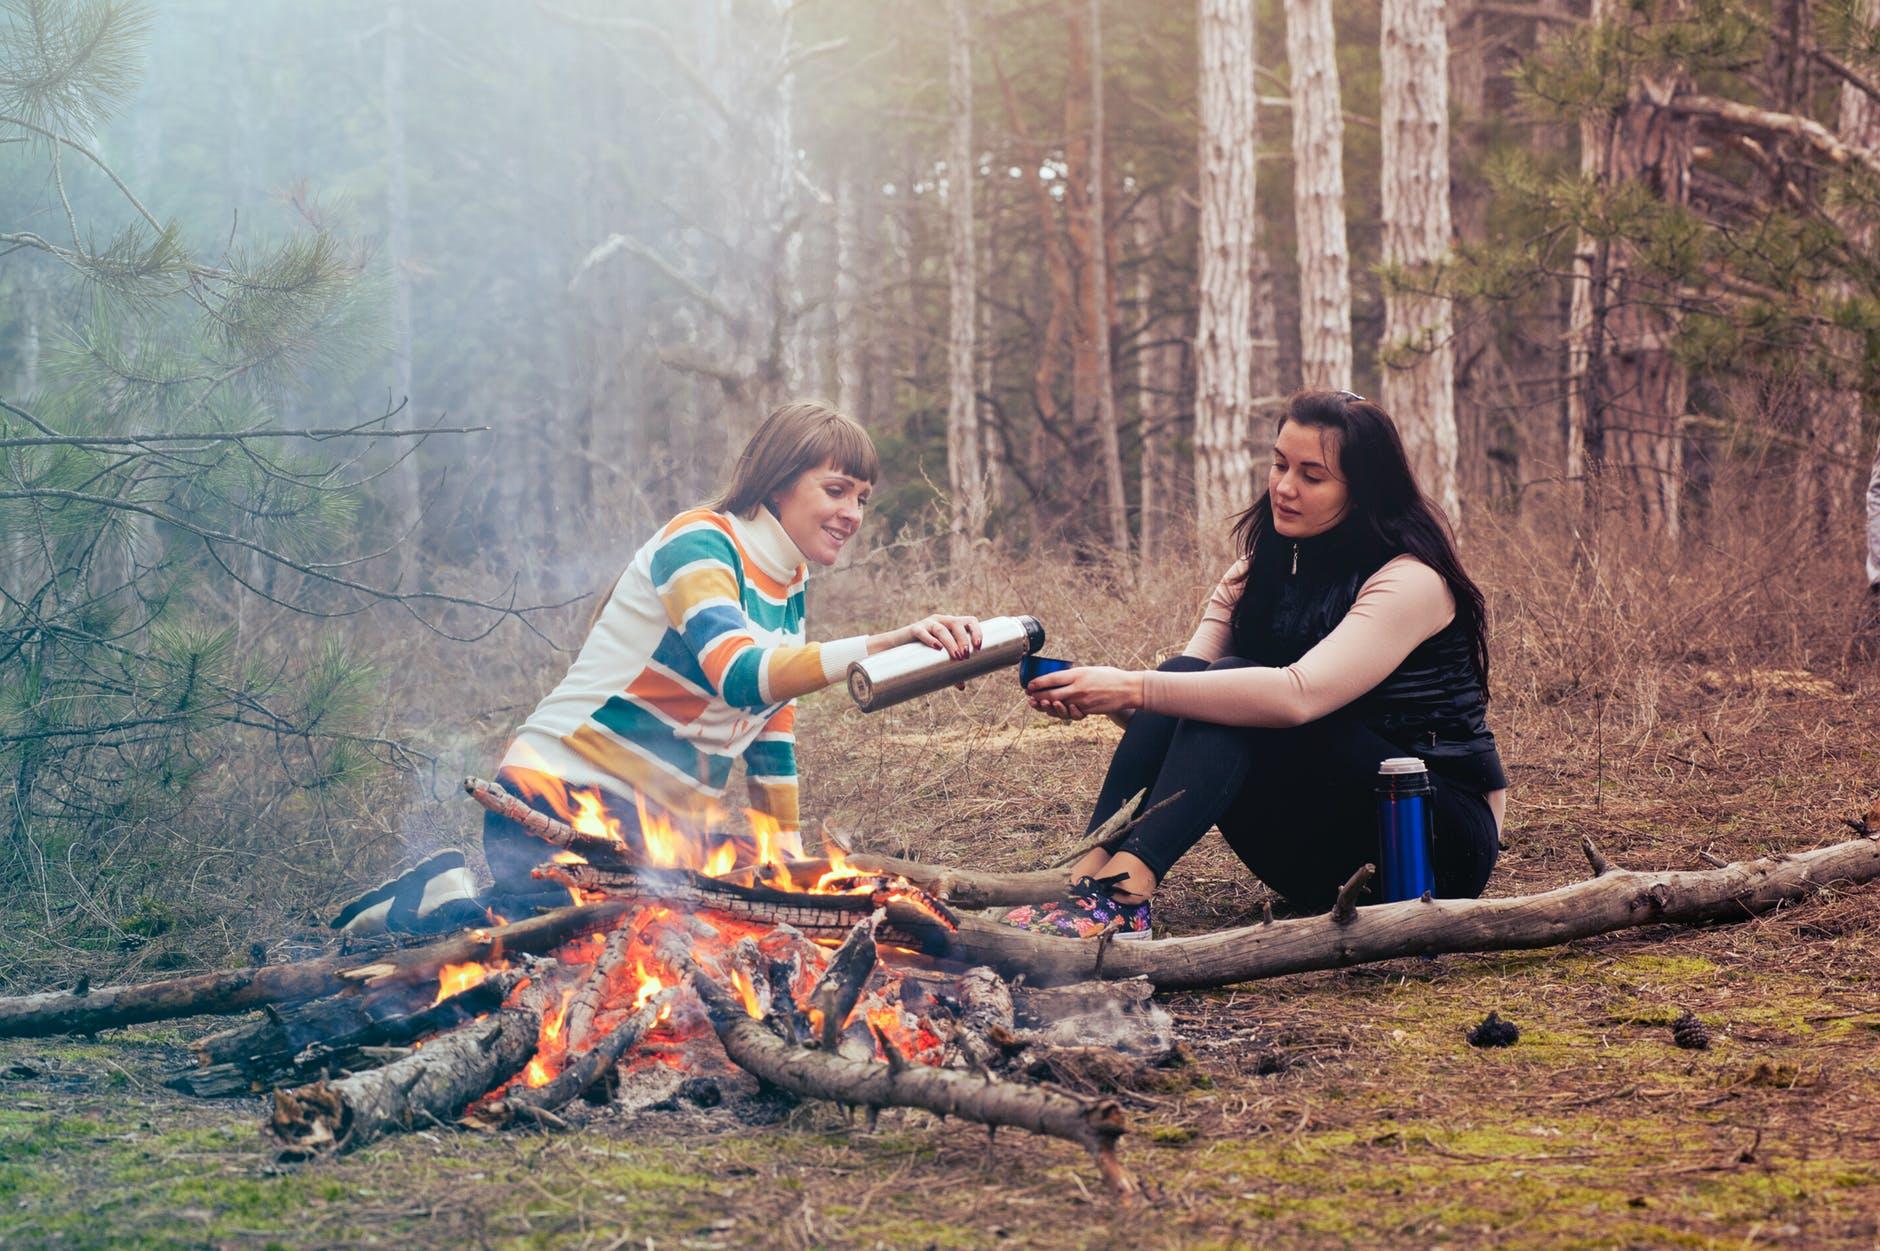 Beim Camping in der Wildnis sind Ordnungsgelder und Haftstrafen möglich